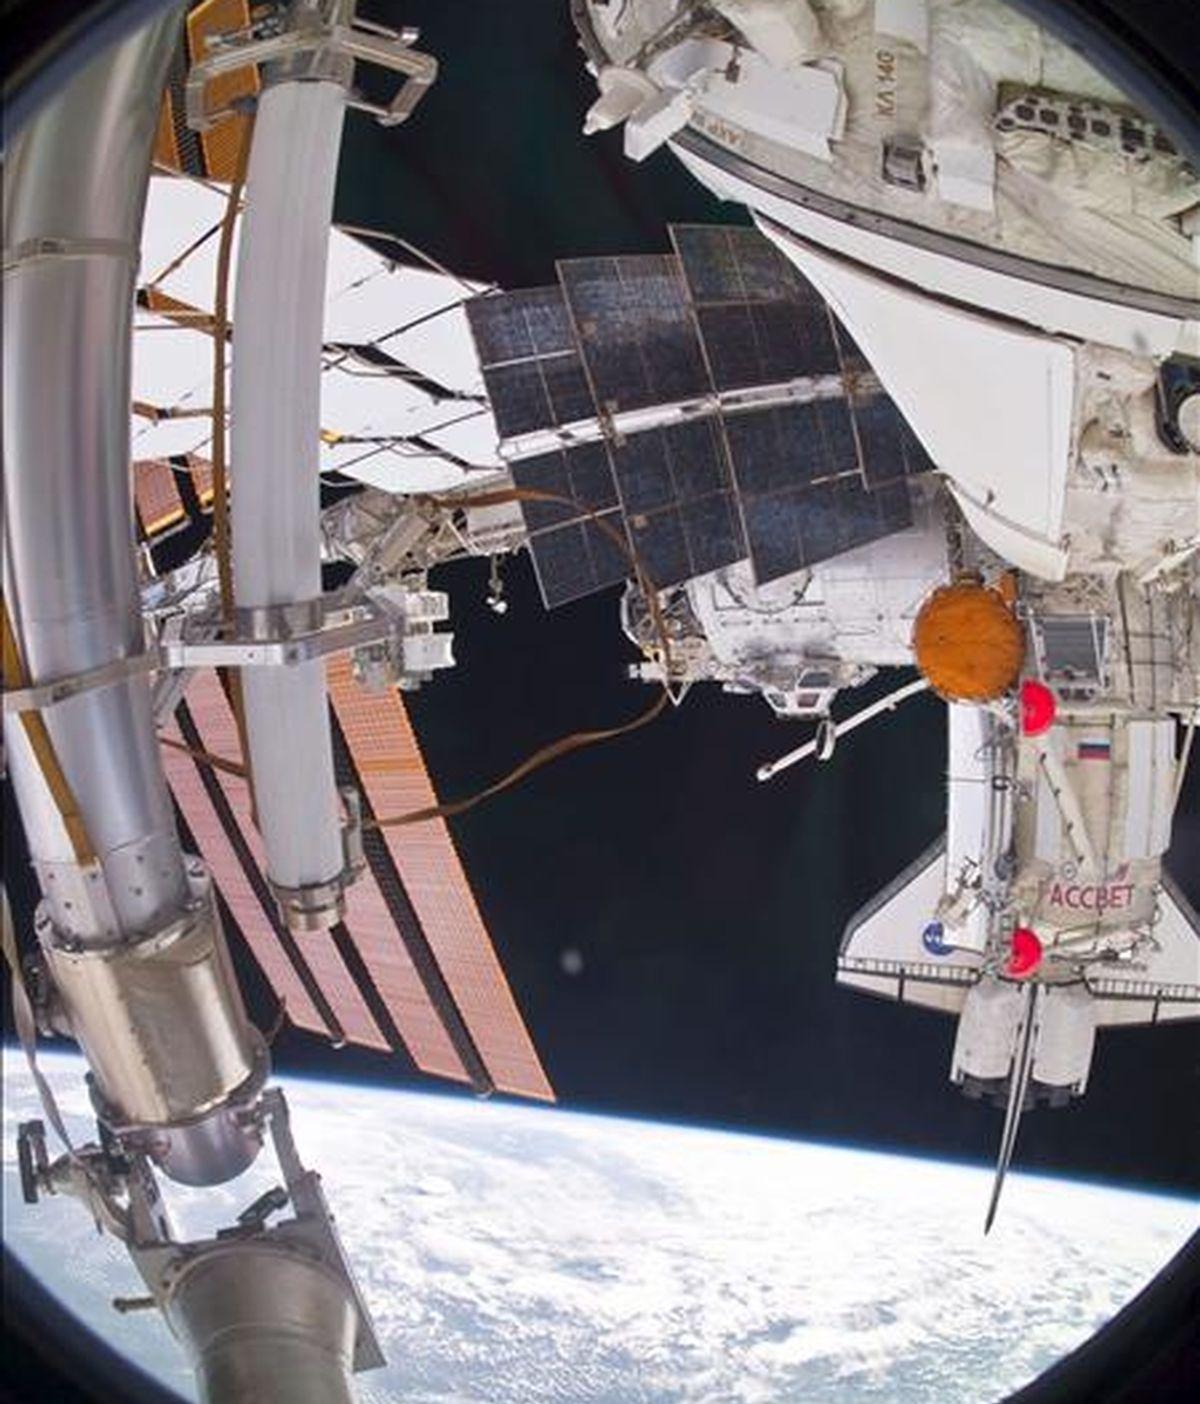 Fotografía facilitada por NASA TV del nuevo módulo científico ruso Rassvet (MIM-1) capturado por uno de los doce cosmonautas a bordo de la Estación Espacial Internacional (EEI) tras su instalación. EFE/Archivo